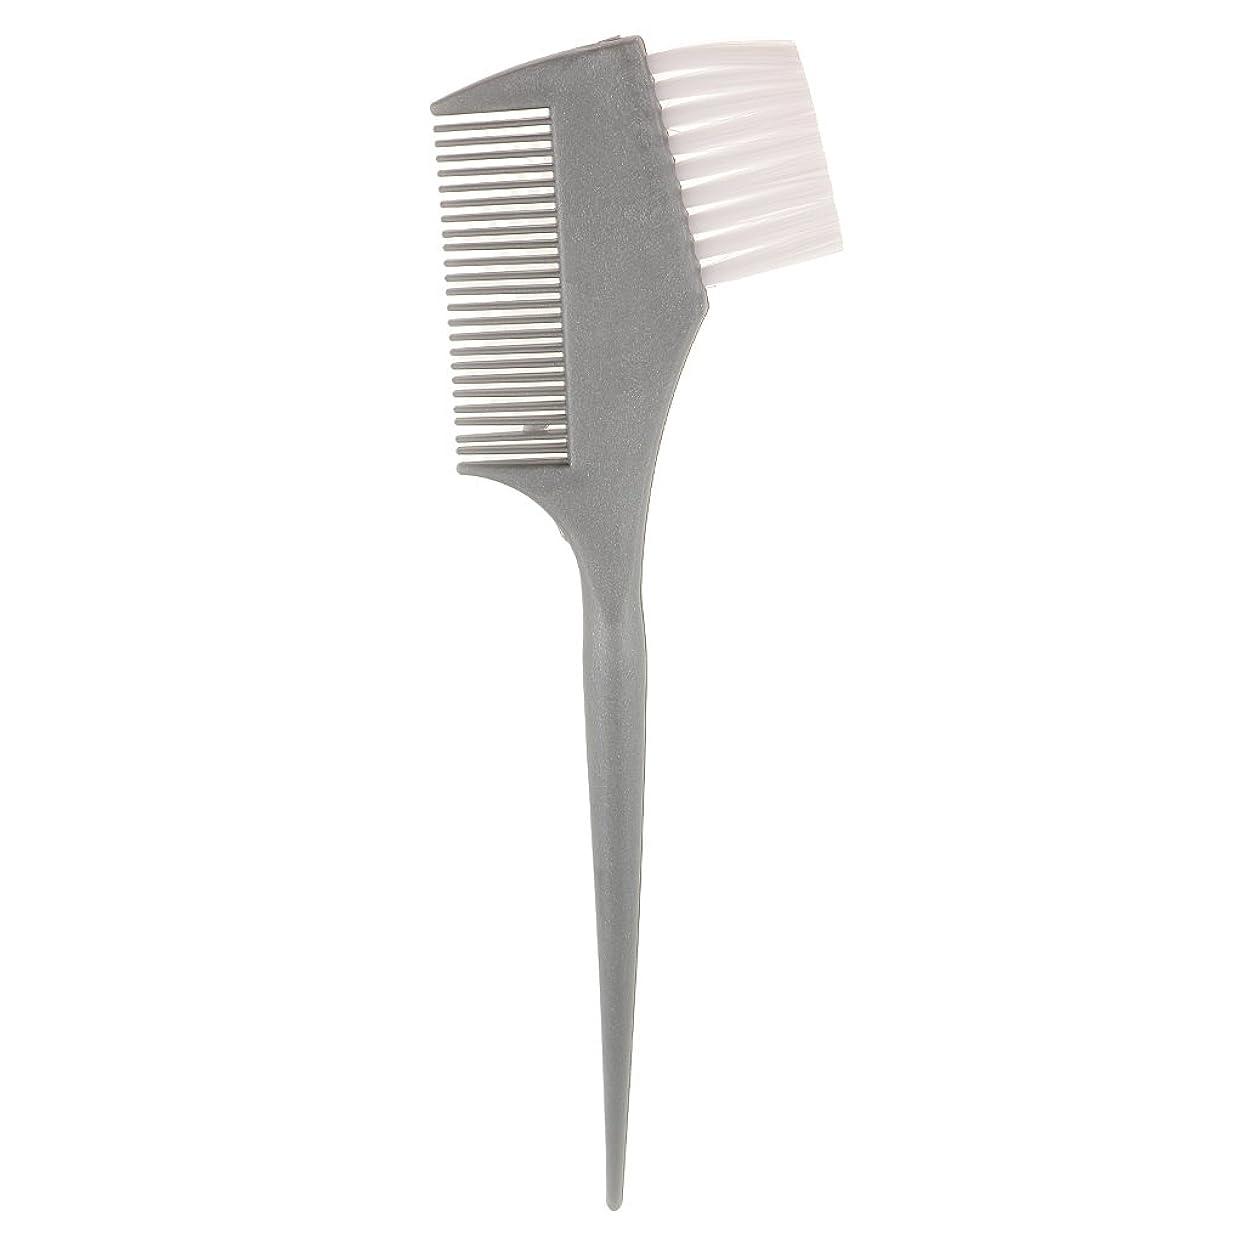 古風な療法ドレスDYNWAVE 染料ヘアコーム 染料ヘアコーム サロン ヘアカラー 髪染めブラシ 弾性